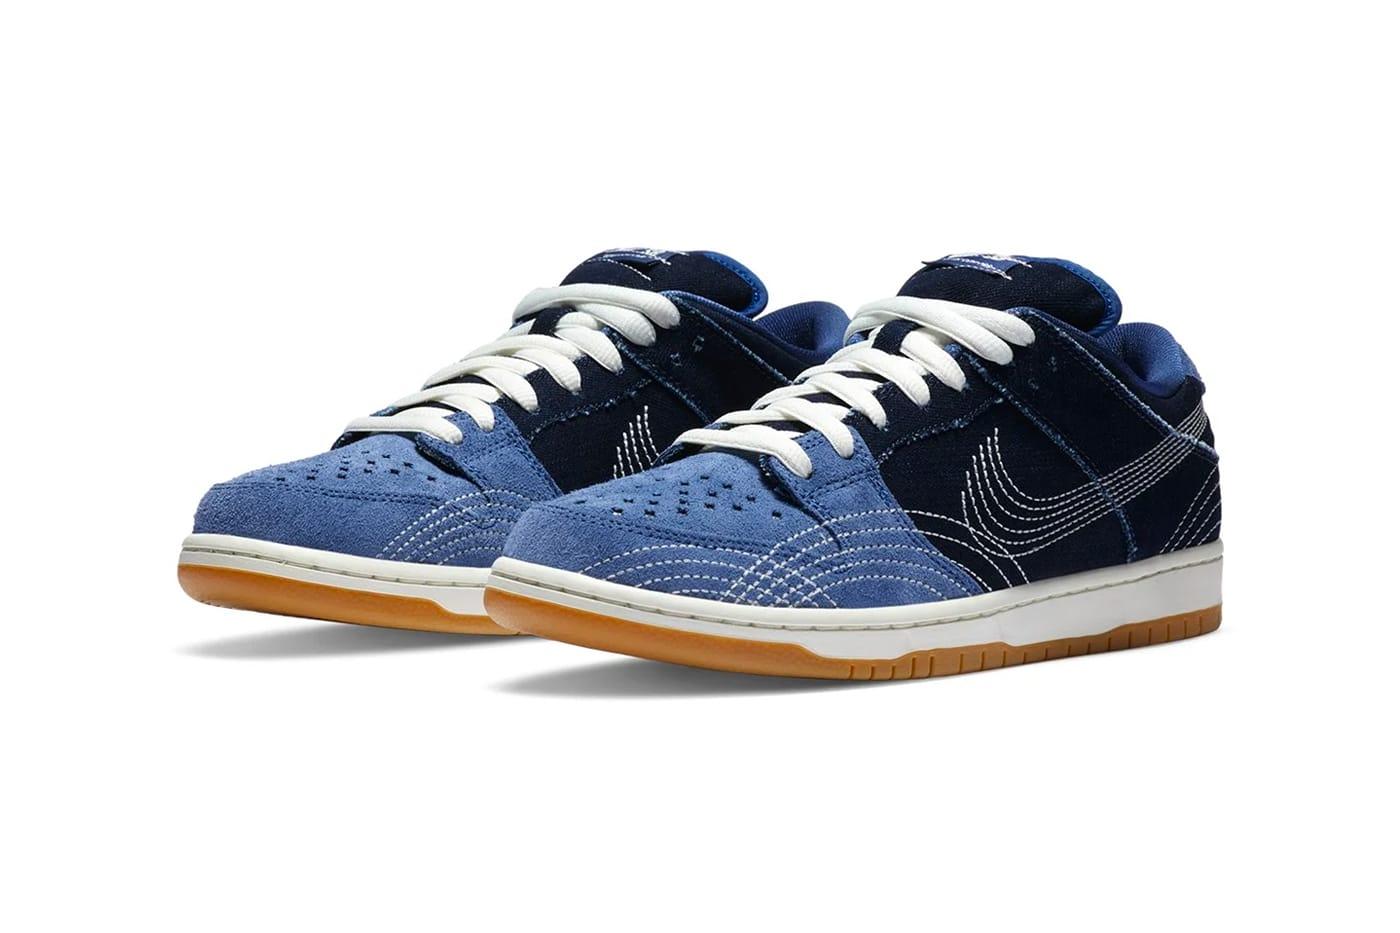 Nike SB Dunk Low Pro Prm \